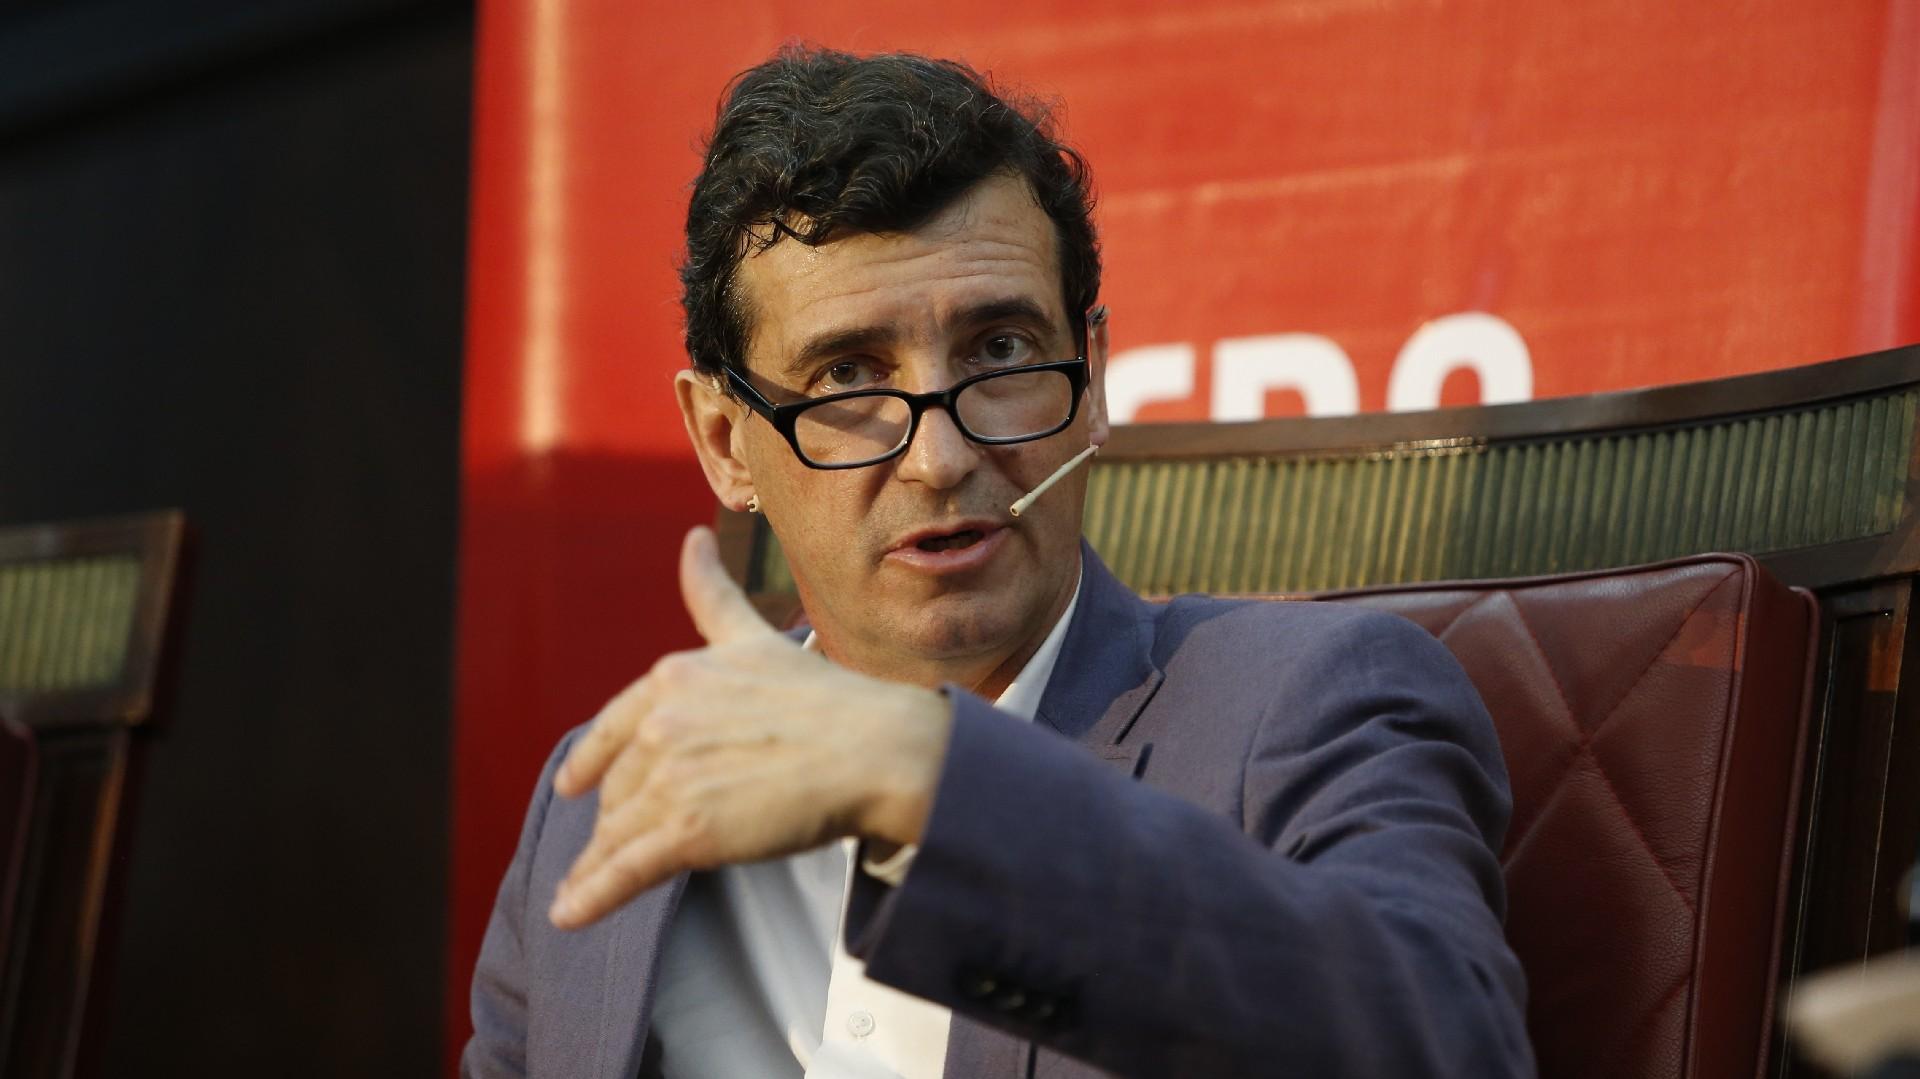 Marcos Novaro, profesor de Ciencia Política de la UBA e investigador del Conicet